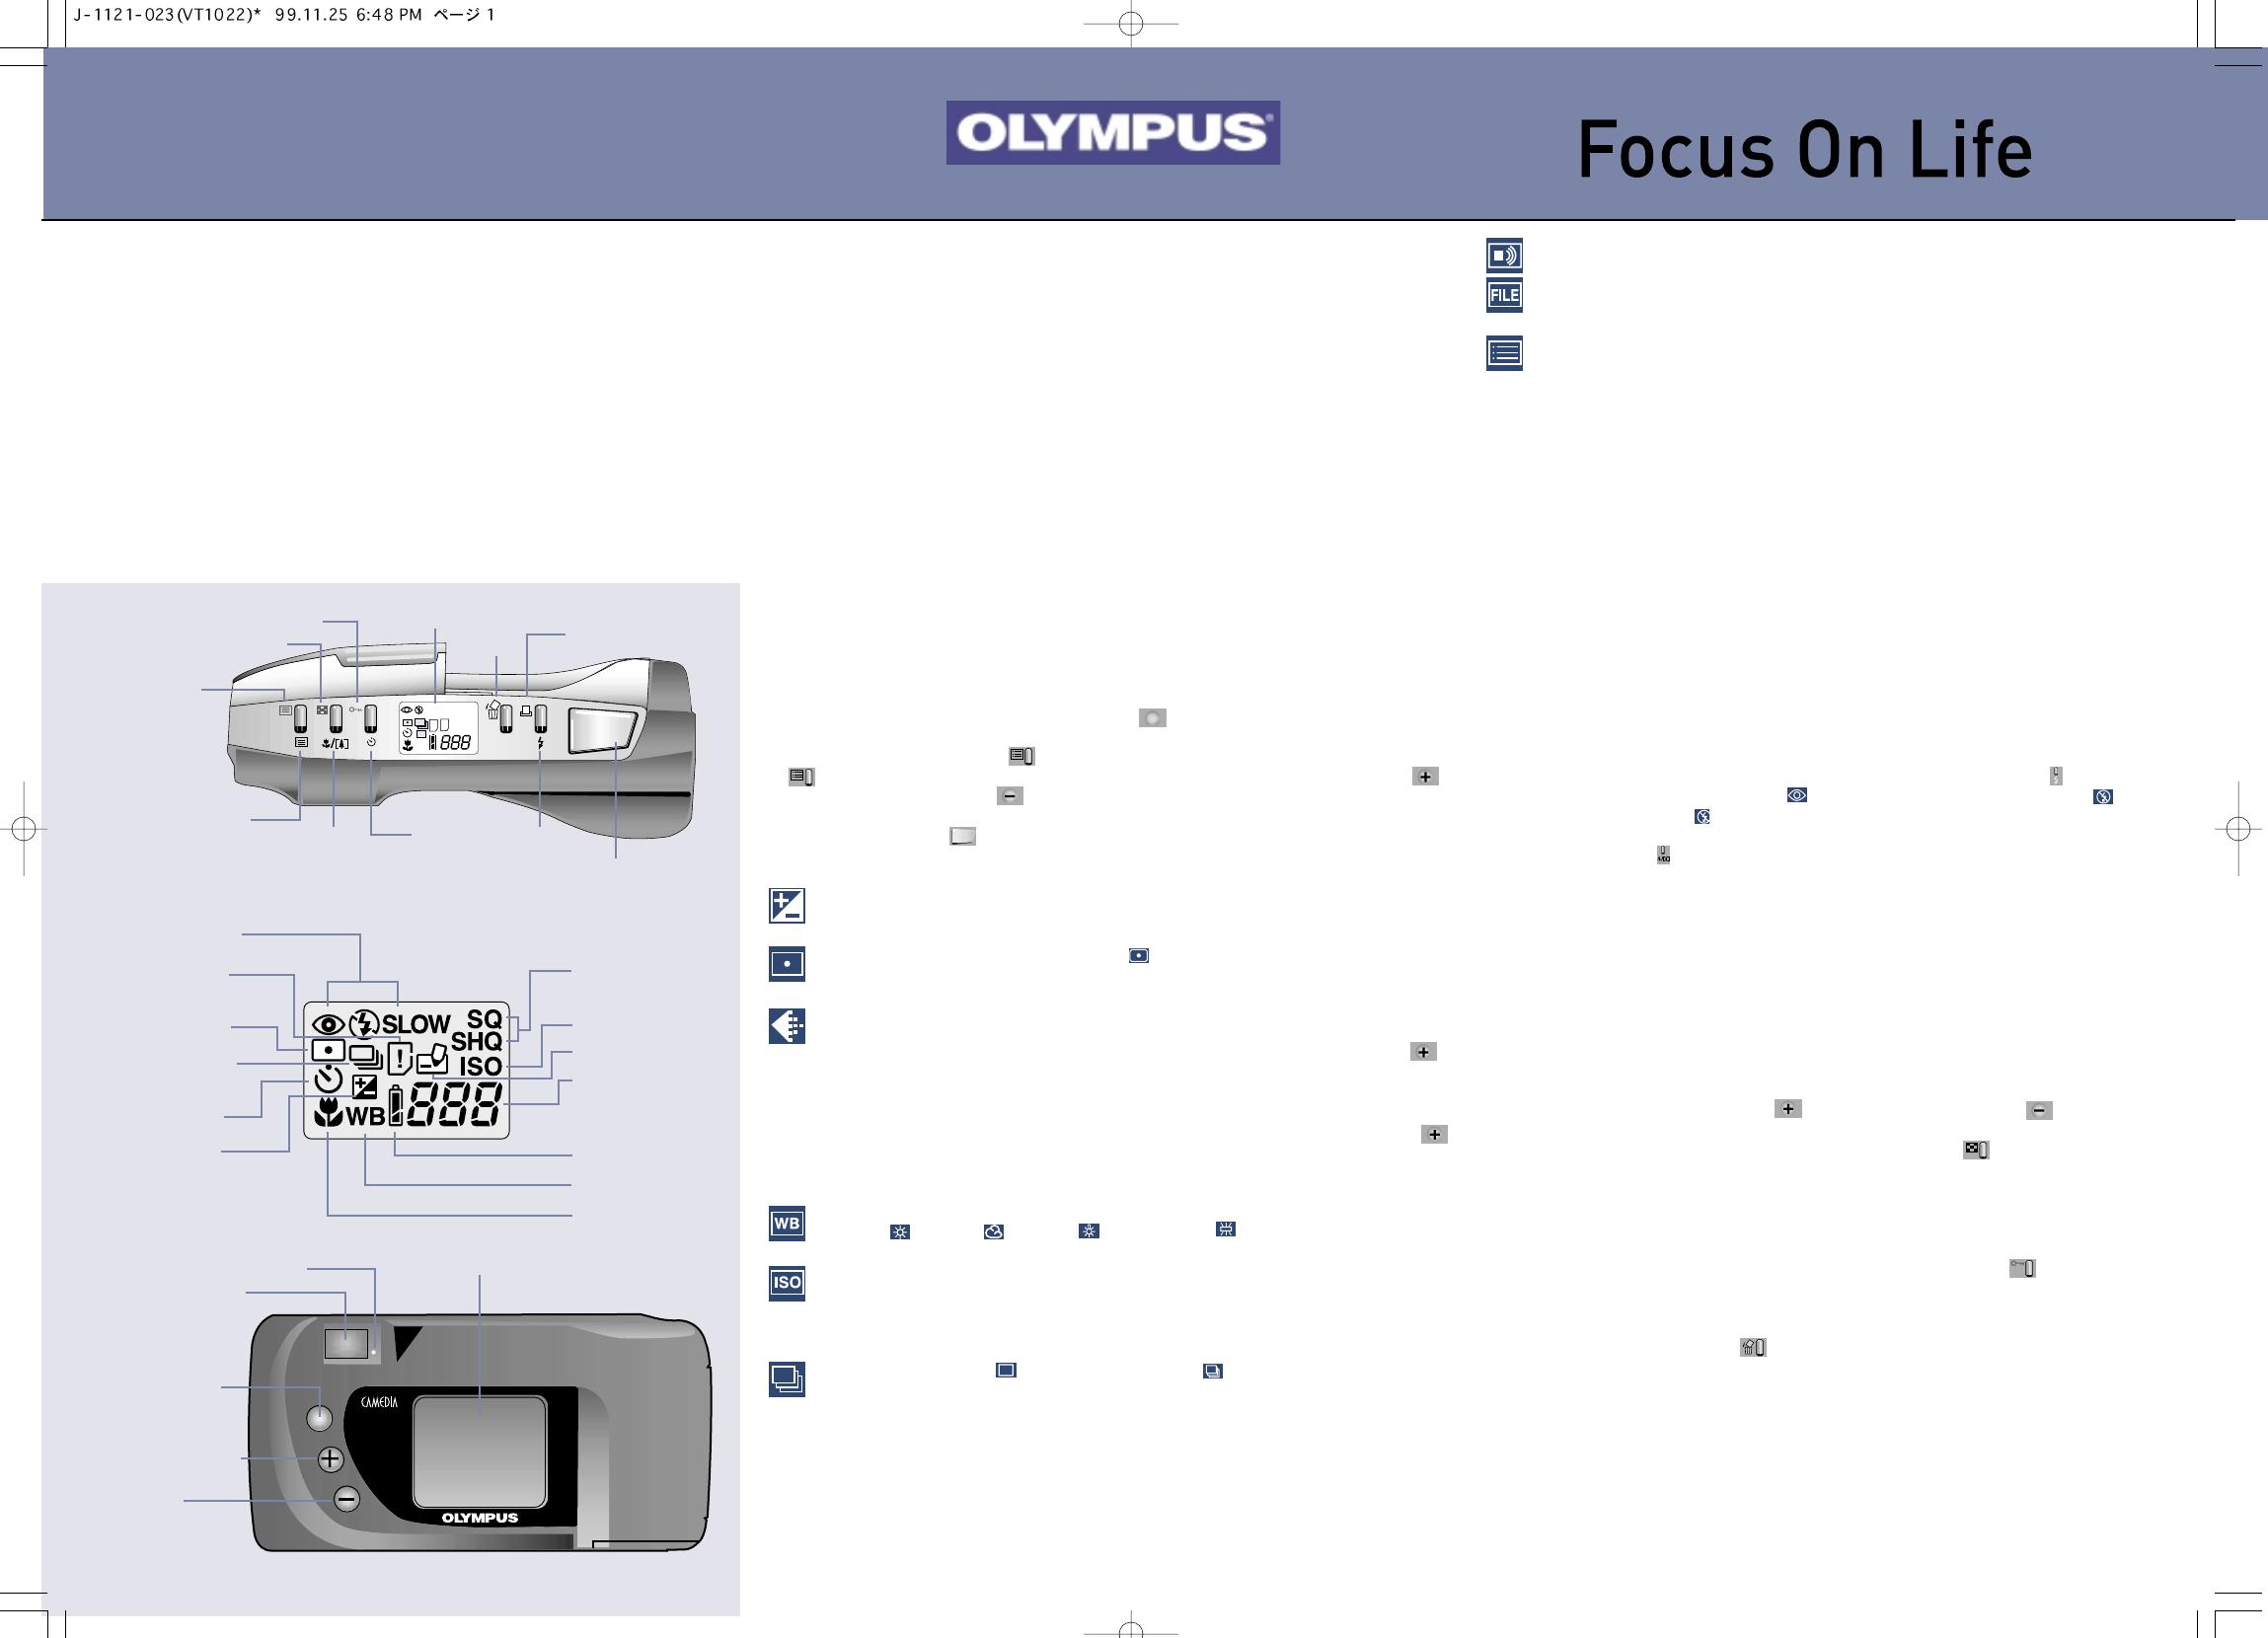 Olympus camedia d-360l instructions manual pdf download.